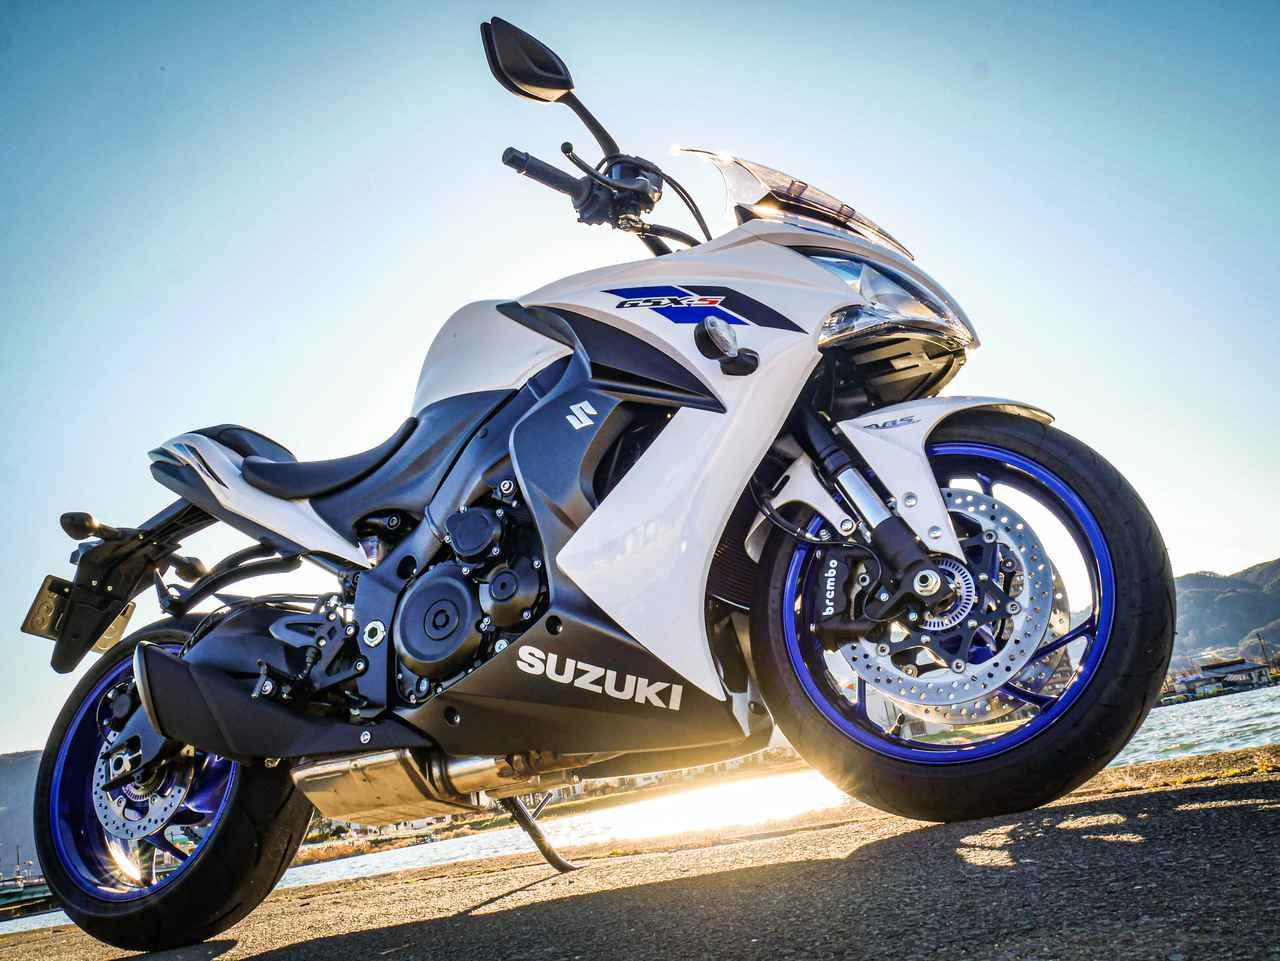 画像: 本物の速さが欲しい! でもキツいのは嫌だ……という人にスズキ『GSX-S1000F』以上のおすすめ国産大型バイクはあるか? - スズキのバイク!